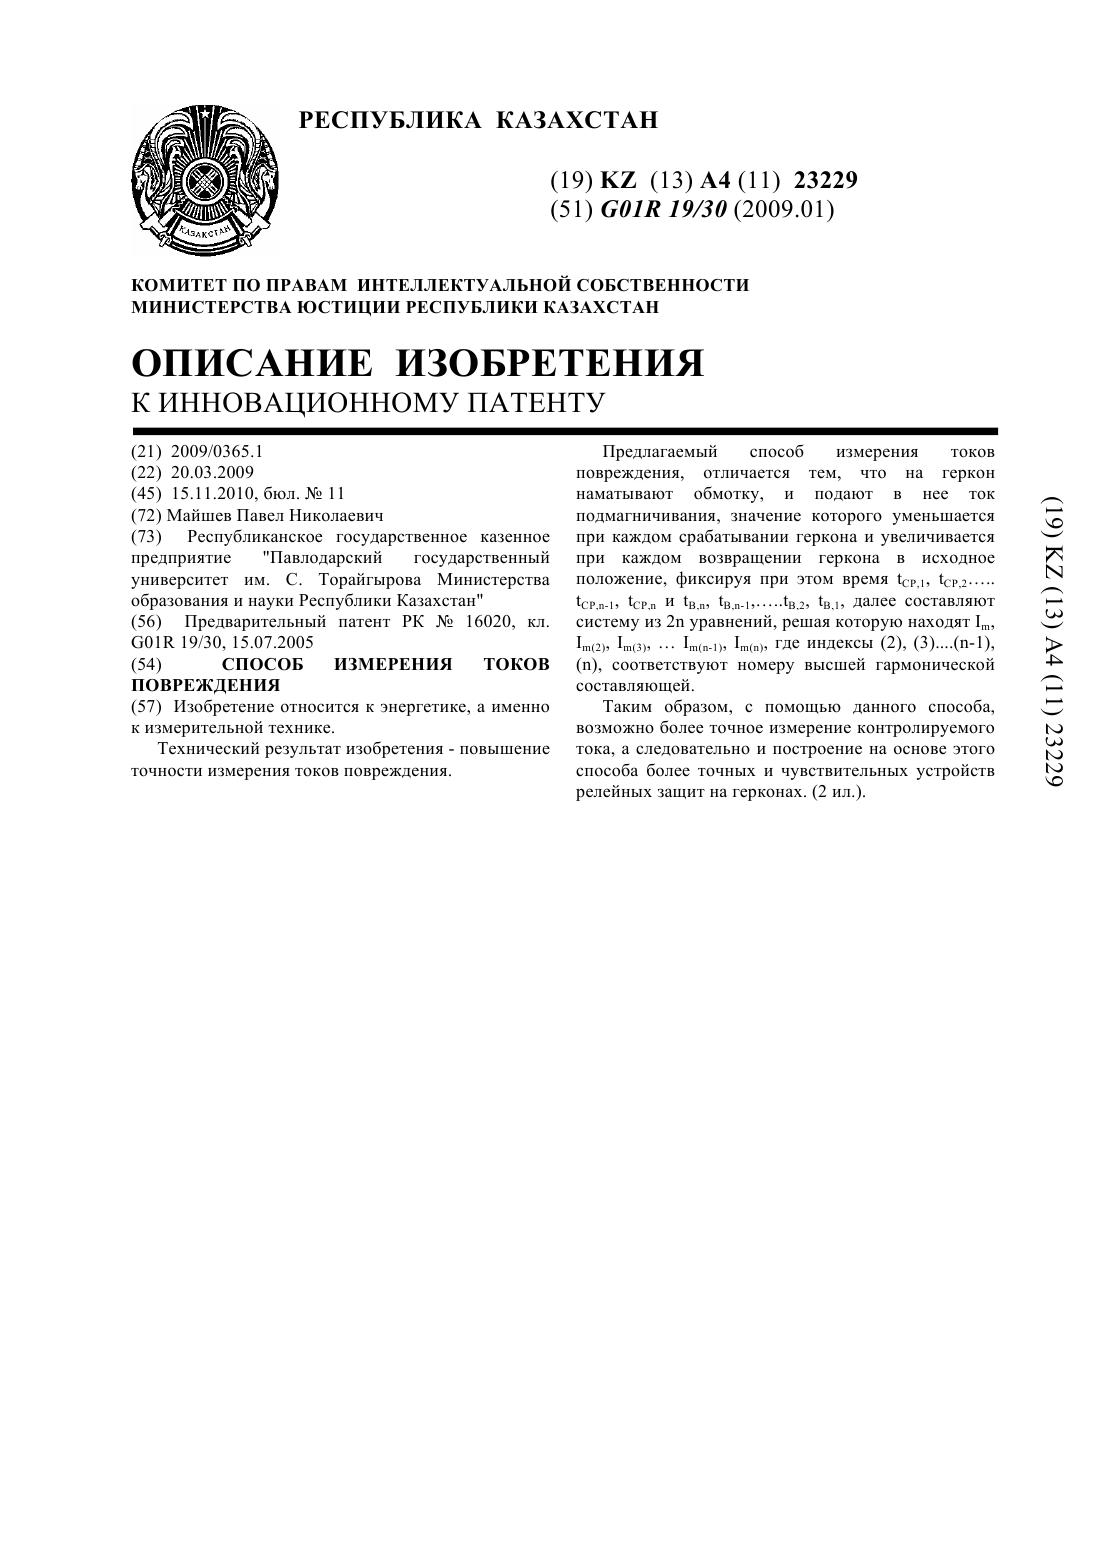 Корректор объёма газа SEVC-D (CORUS)